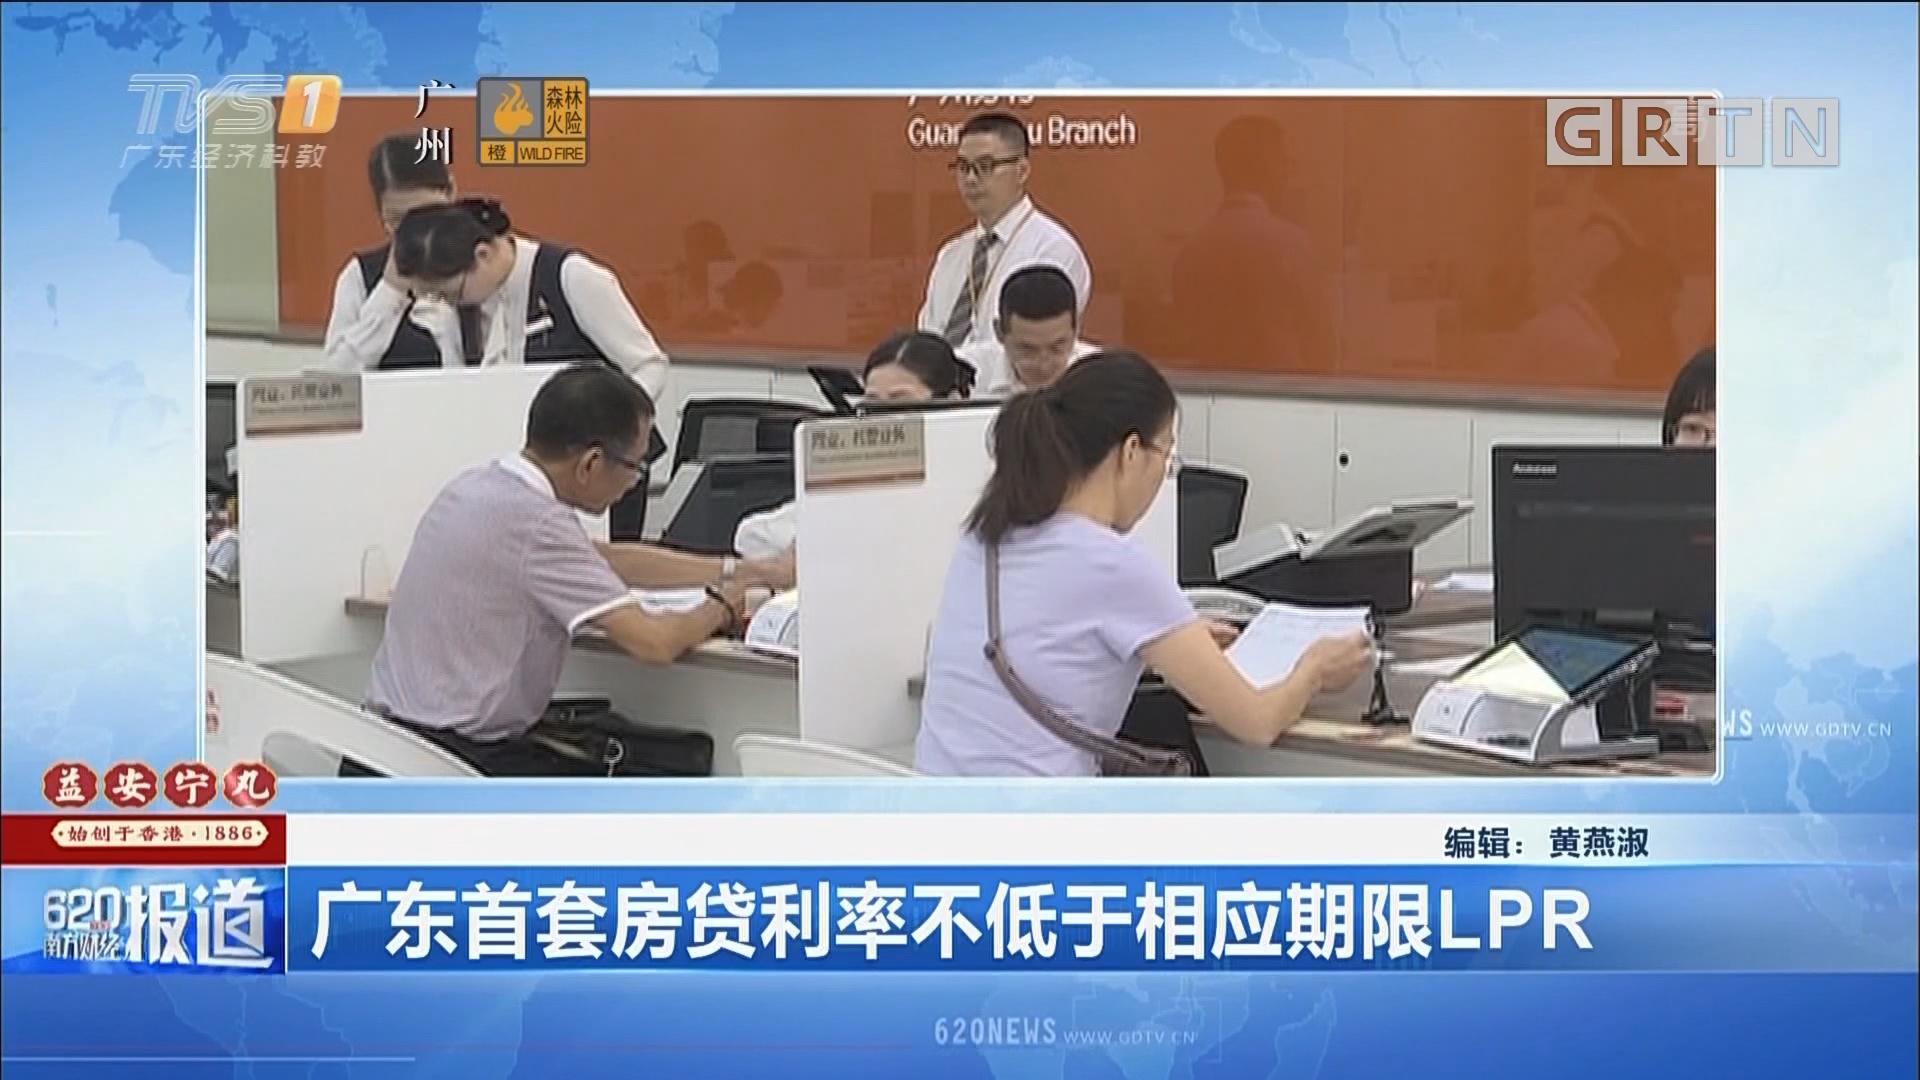 广东首套房贷利率不低于相应期限LPR